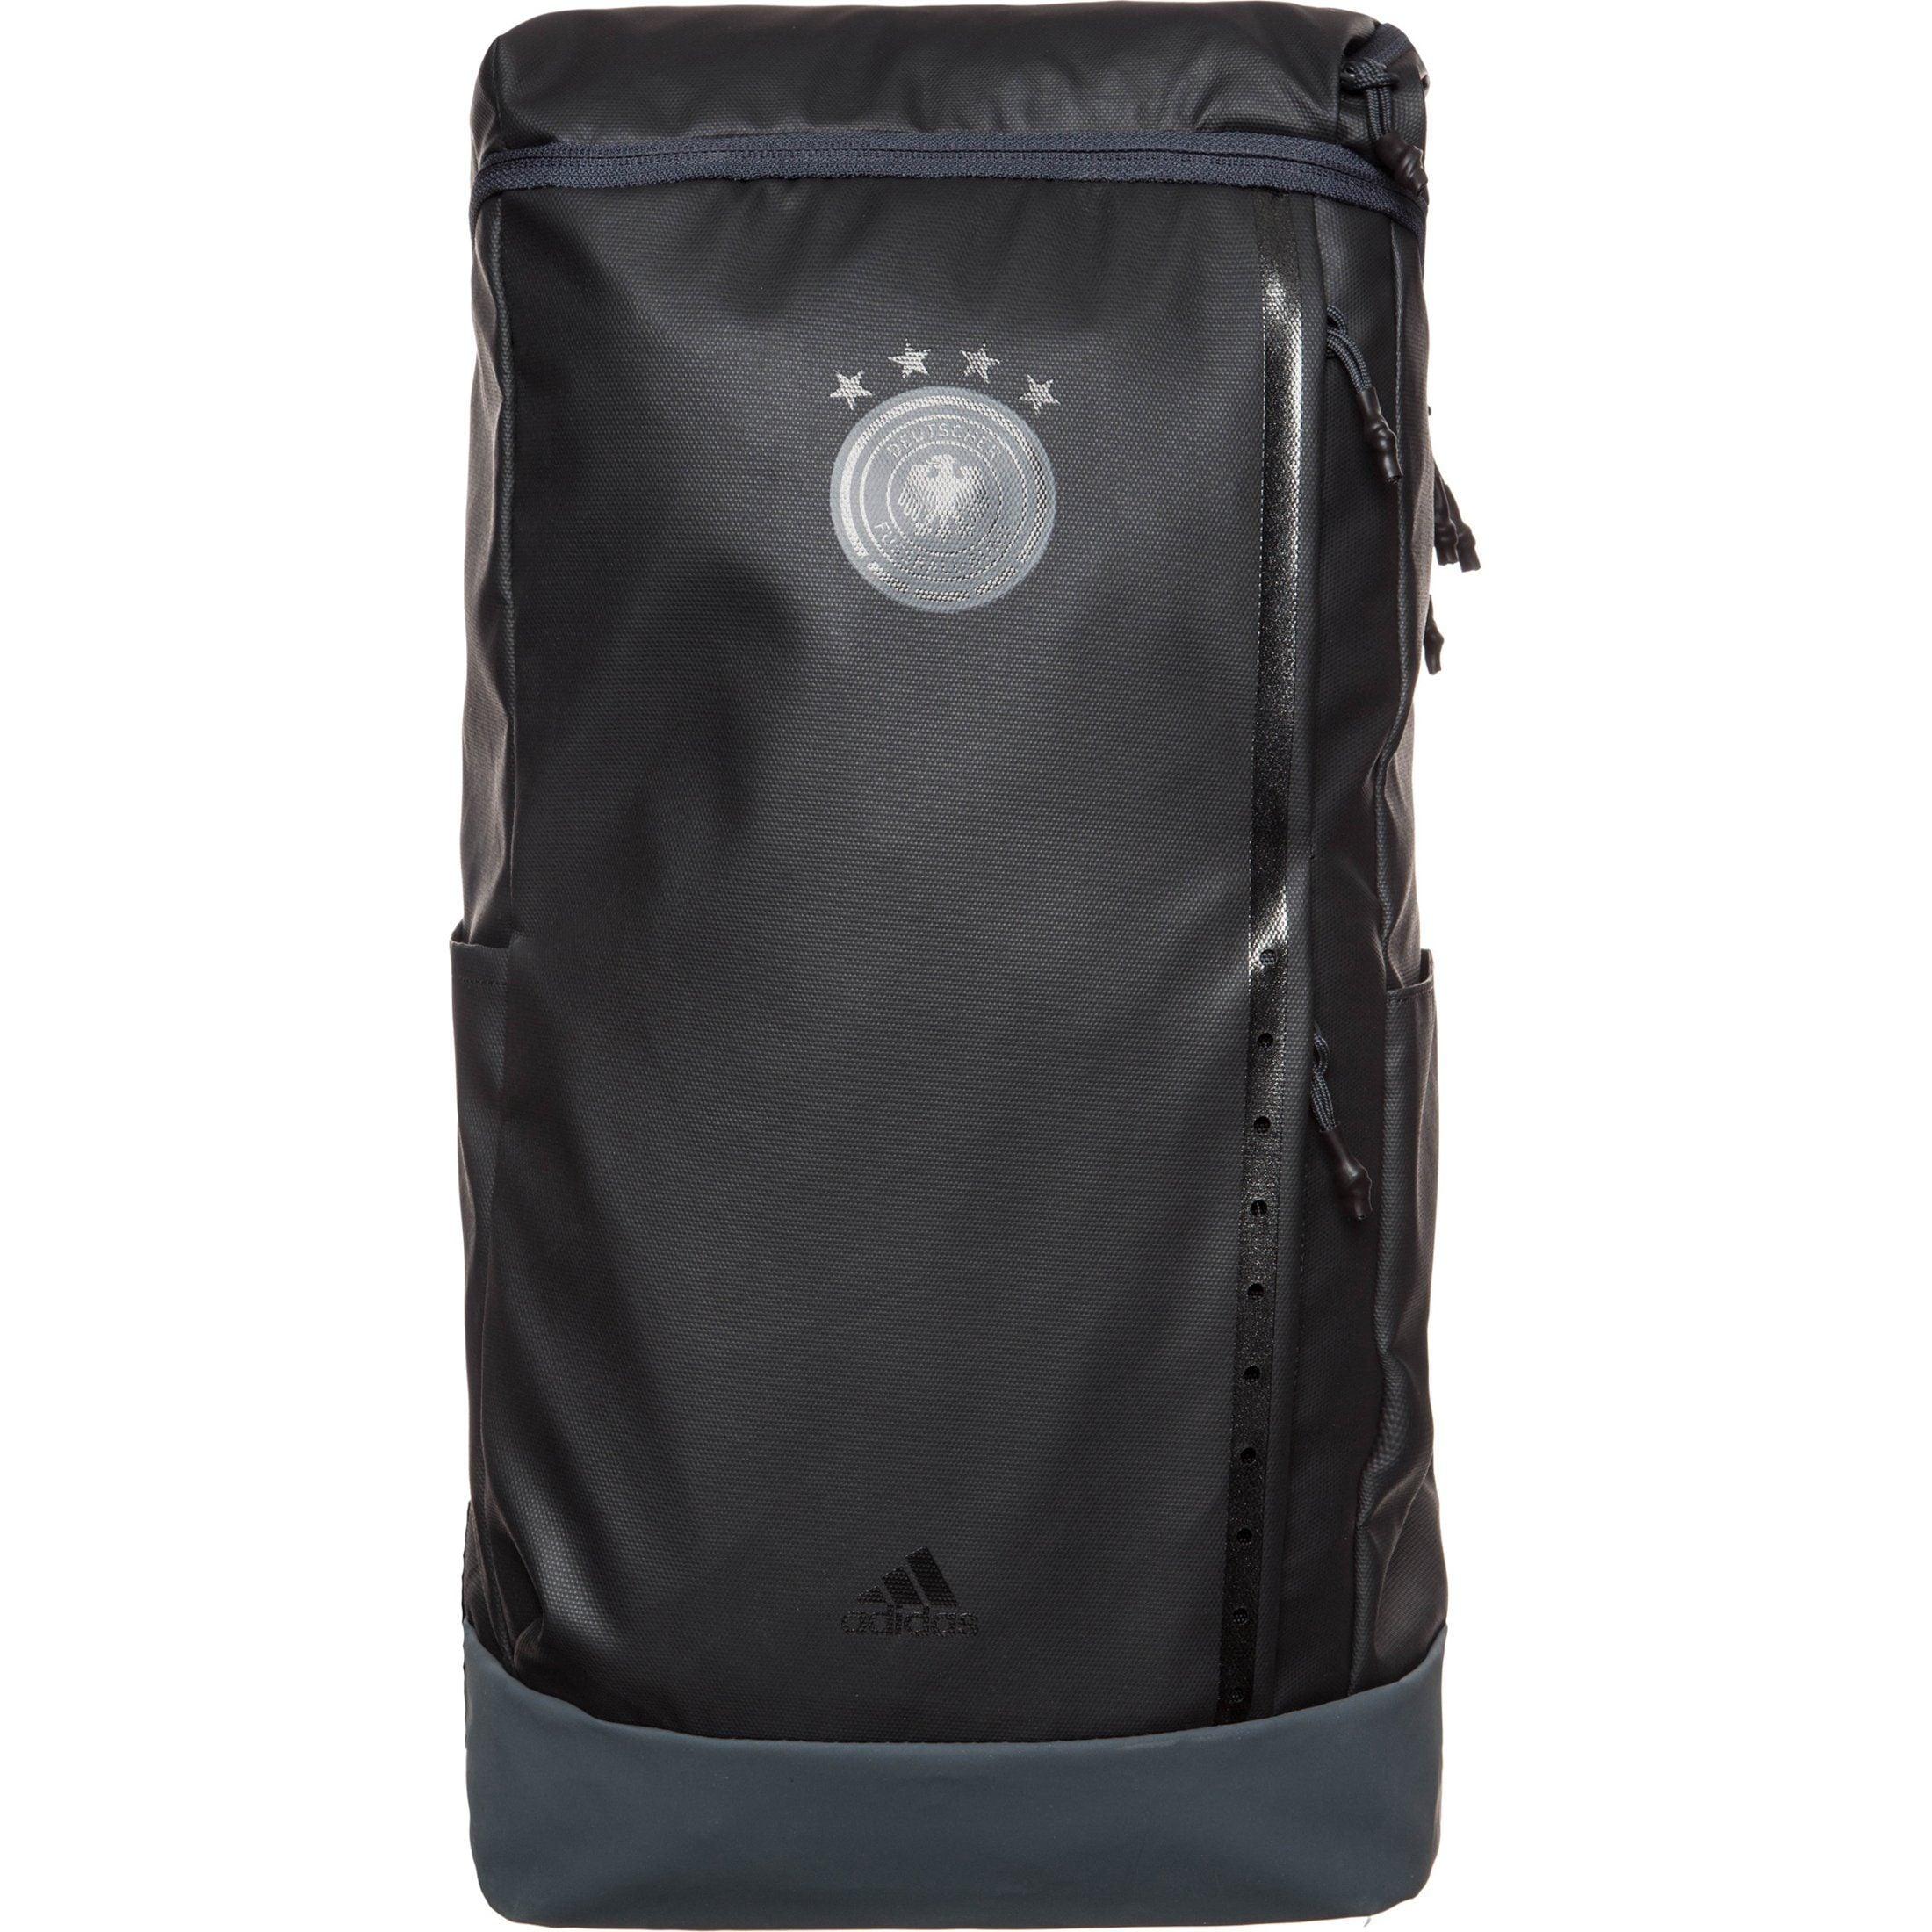 636f819d698e Adidas Rucksack Preisvergleich • Die besten Angebote online kaufen